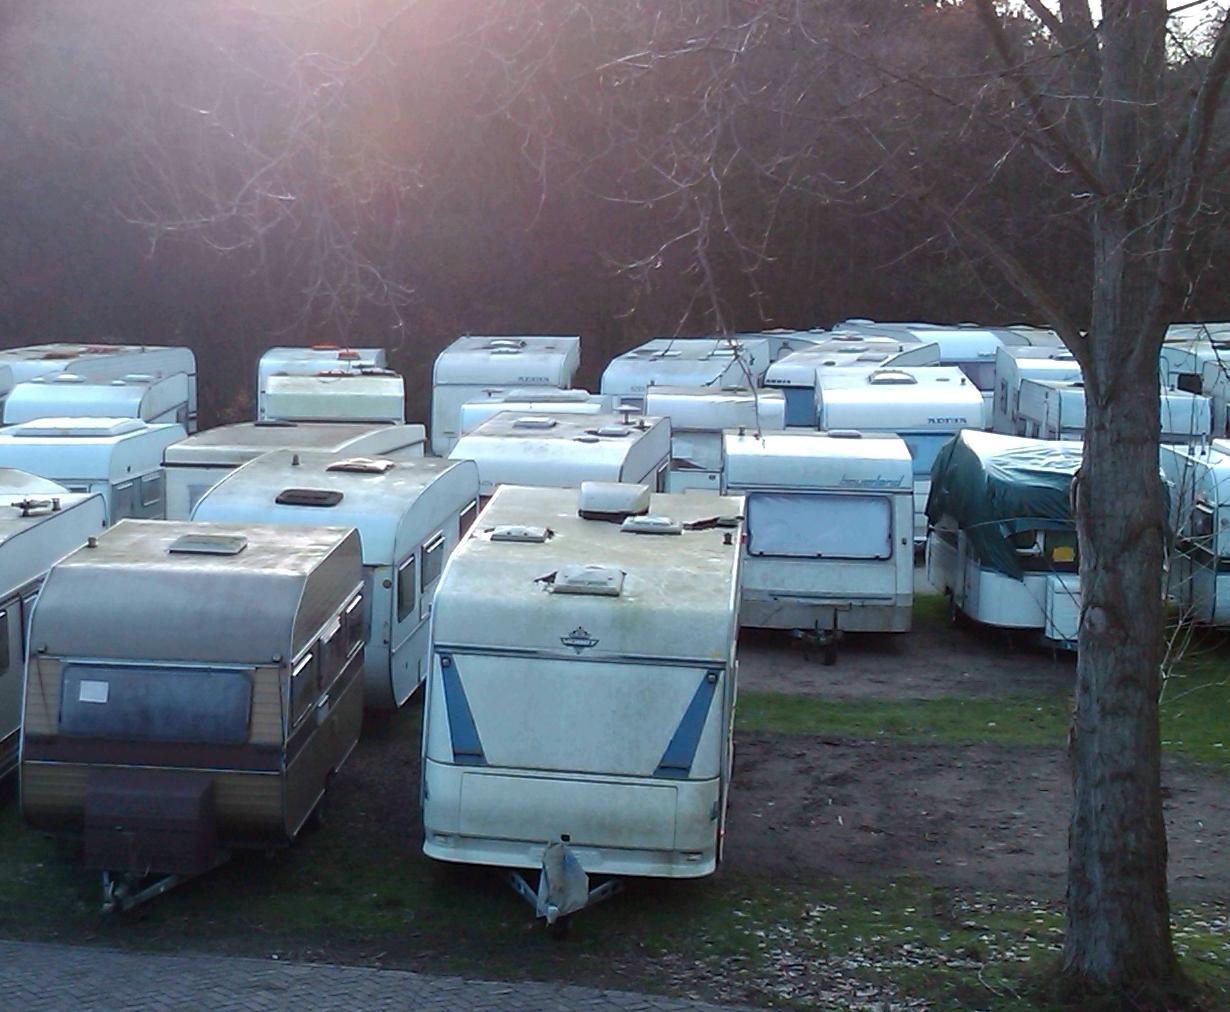 Leuk, die nieuwe caravan, maar waar stal ik 'm? Meer kampeerwagens verkocht dan er plek is, maar ook sluiten grote stallingen.